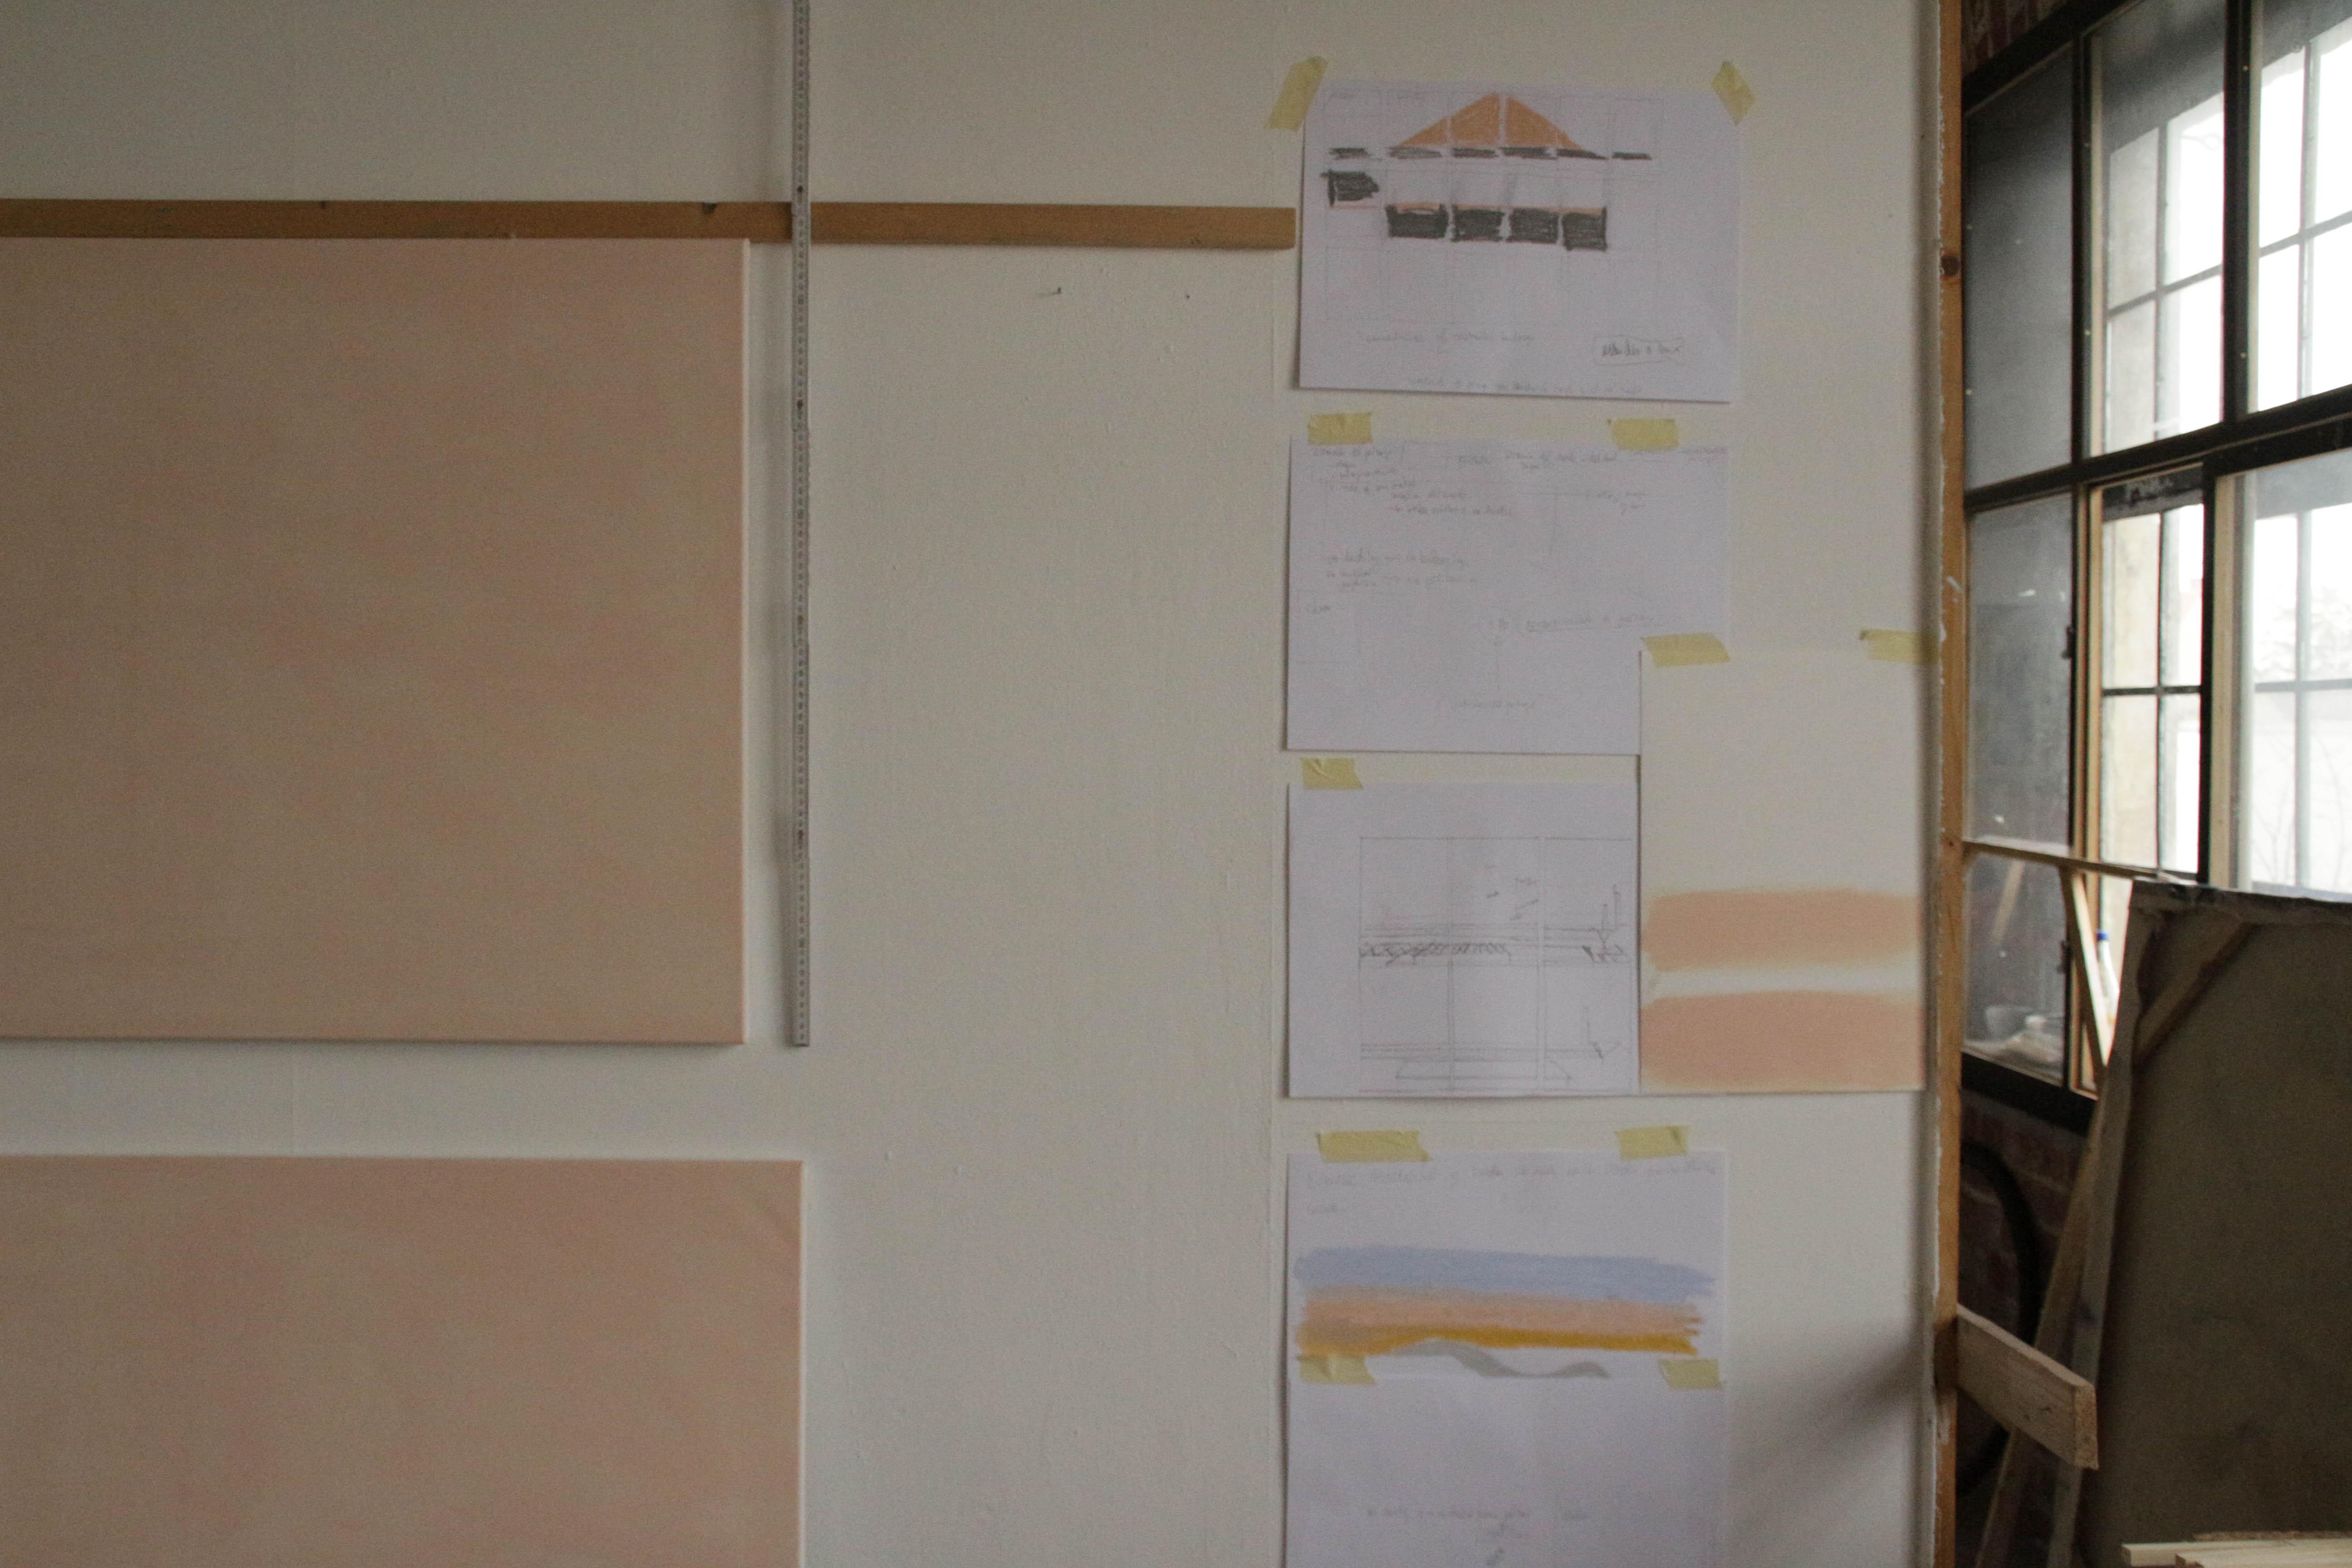 PKRD-45-Sebastian-Hermida-at-PILOTENKUECHE-International-Art-Program-2-2